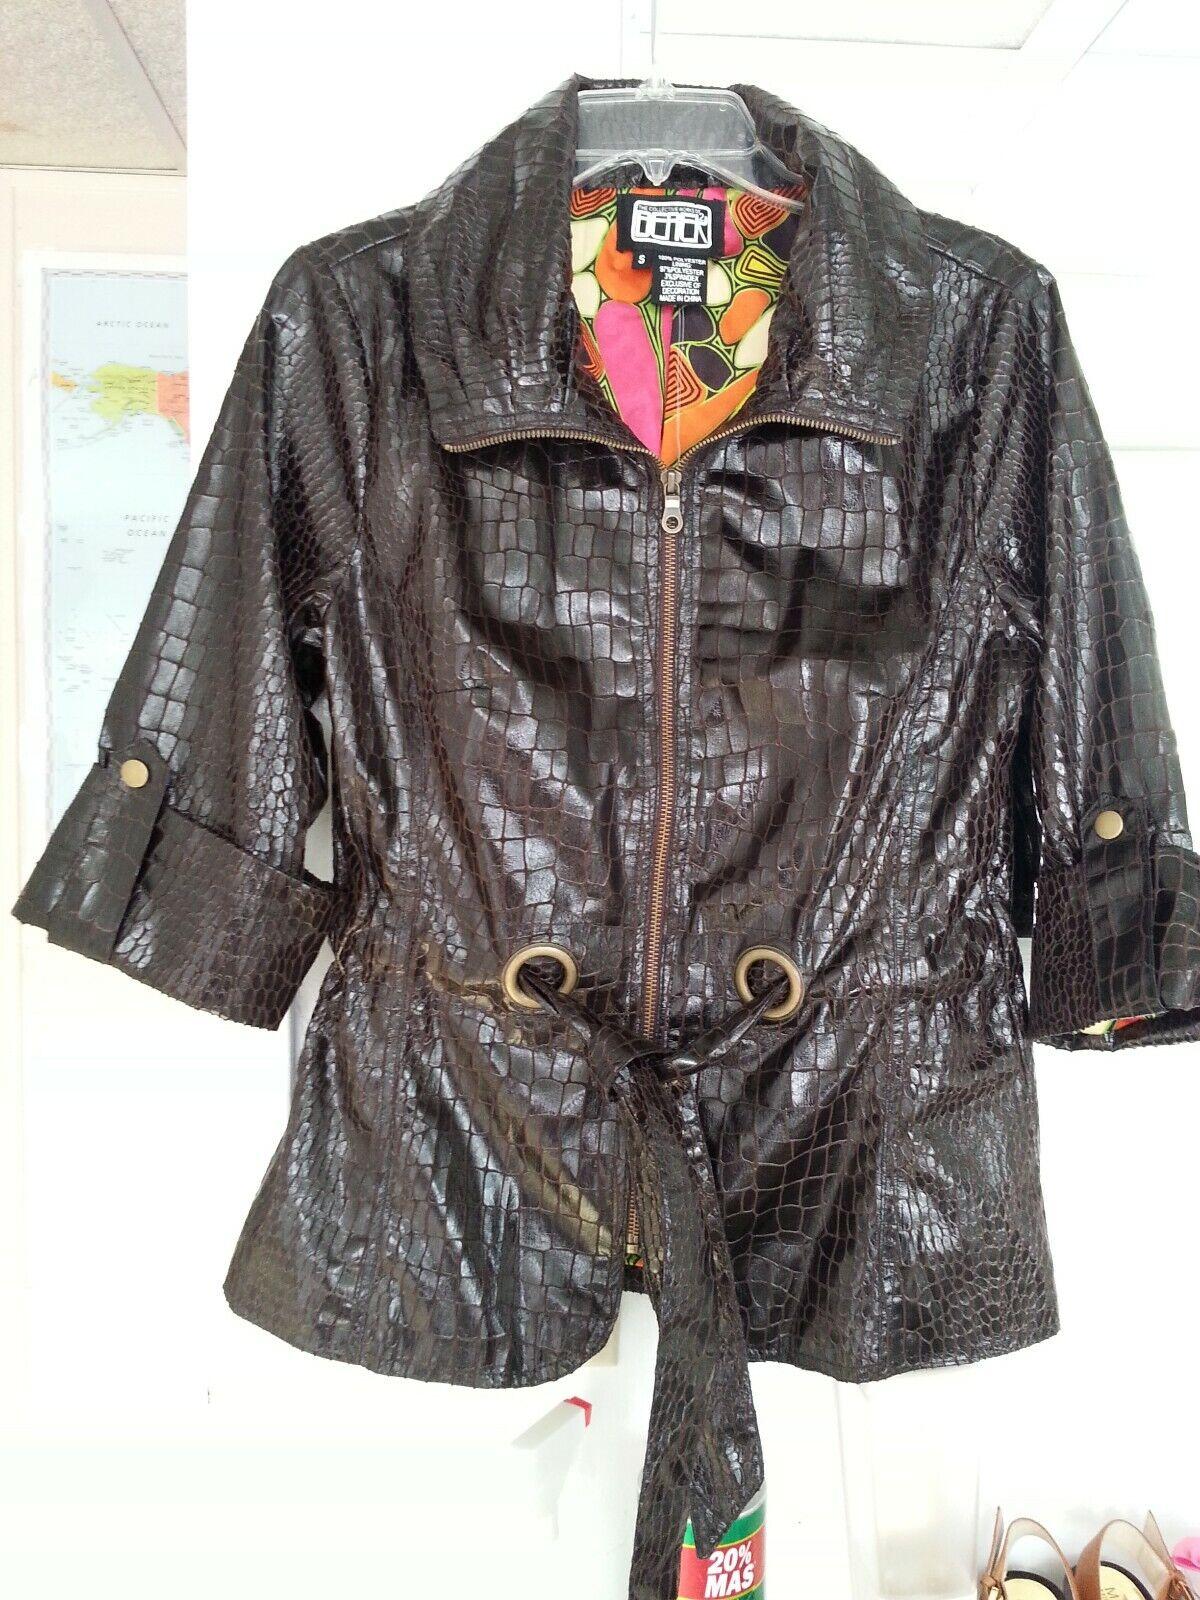 Womens Jacket, Berek Collection, Brown, Zise S, Leather Look, linen.